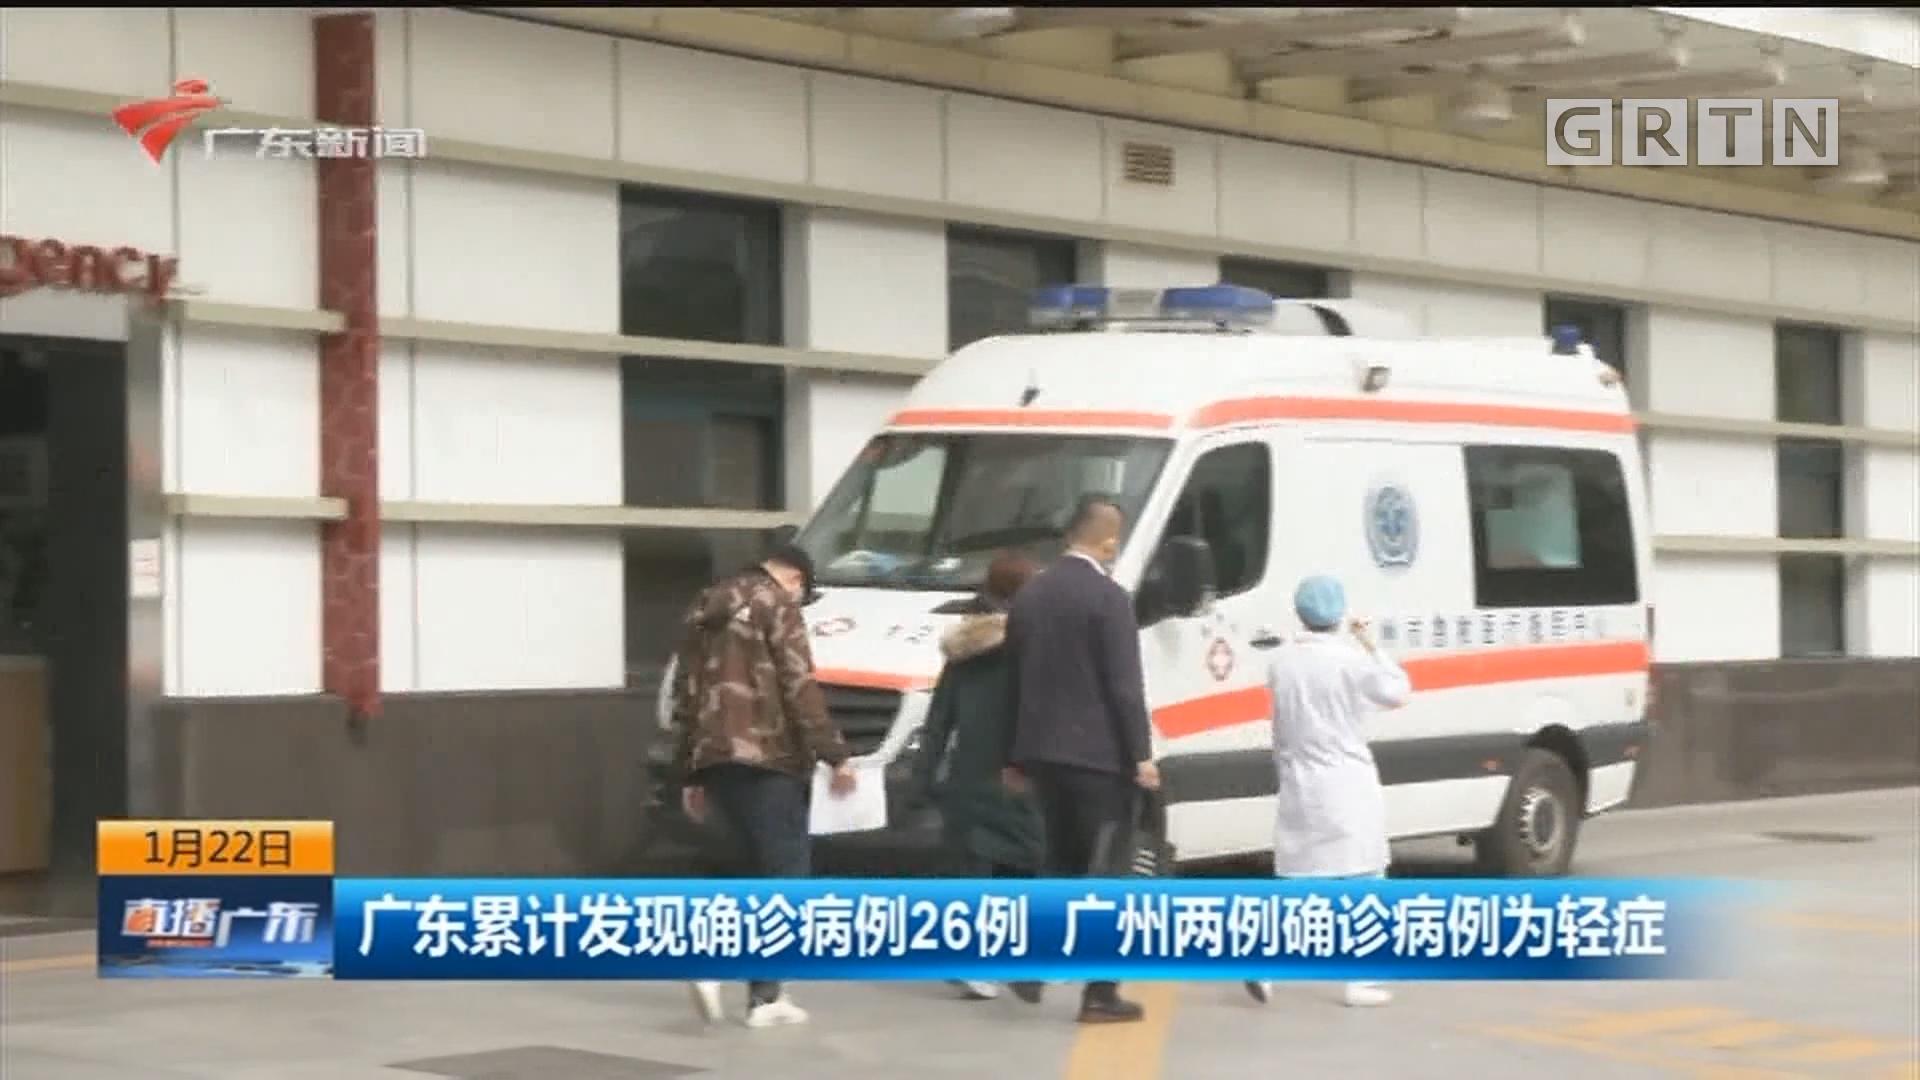 广东累计发现确诊病例26例 广州两例确诊病例为轻症